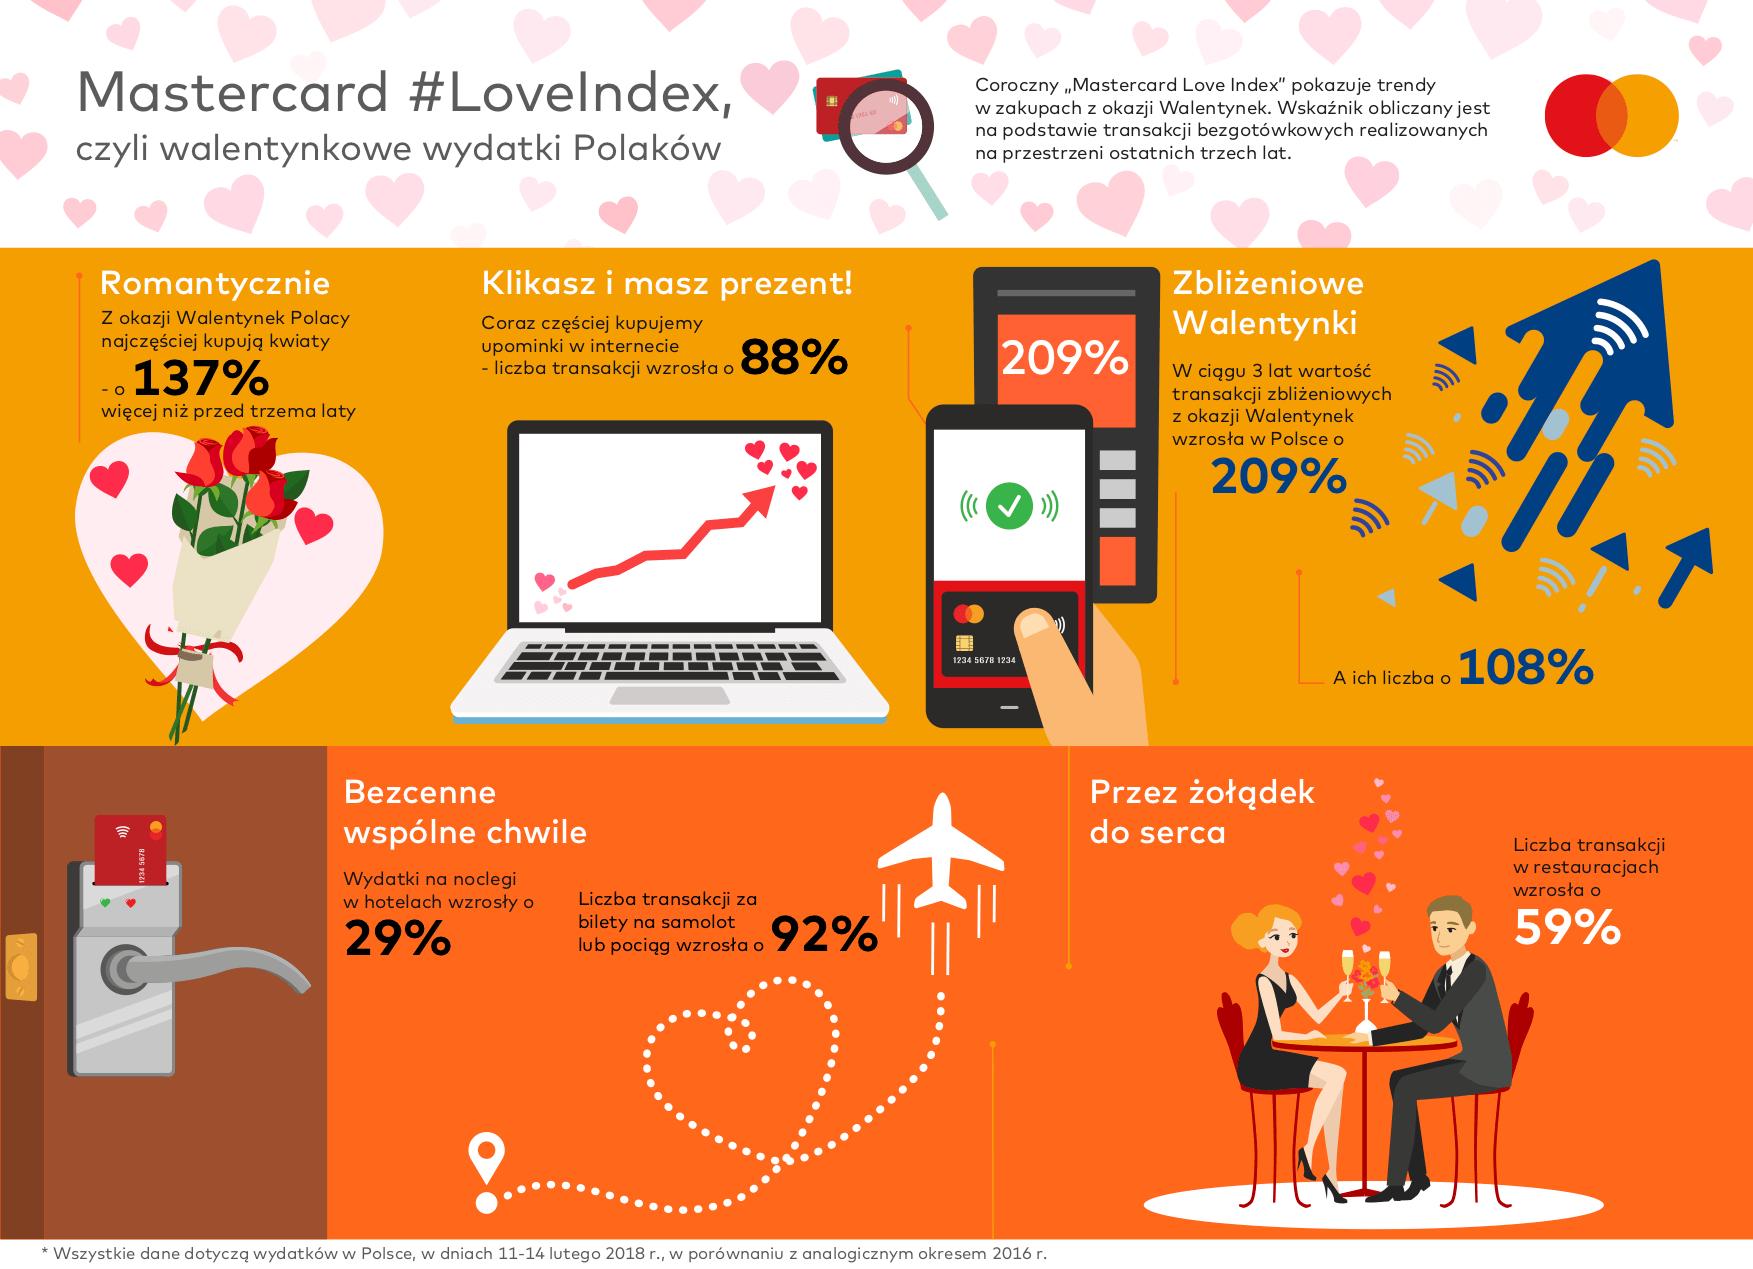 62df2d12d Mastercard #LoveIndex, czyli walentynkowe wydatki Polaków - mobiRANK.pl